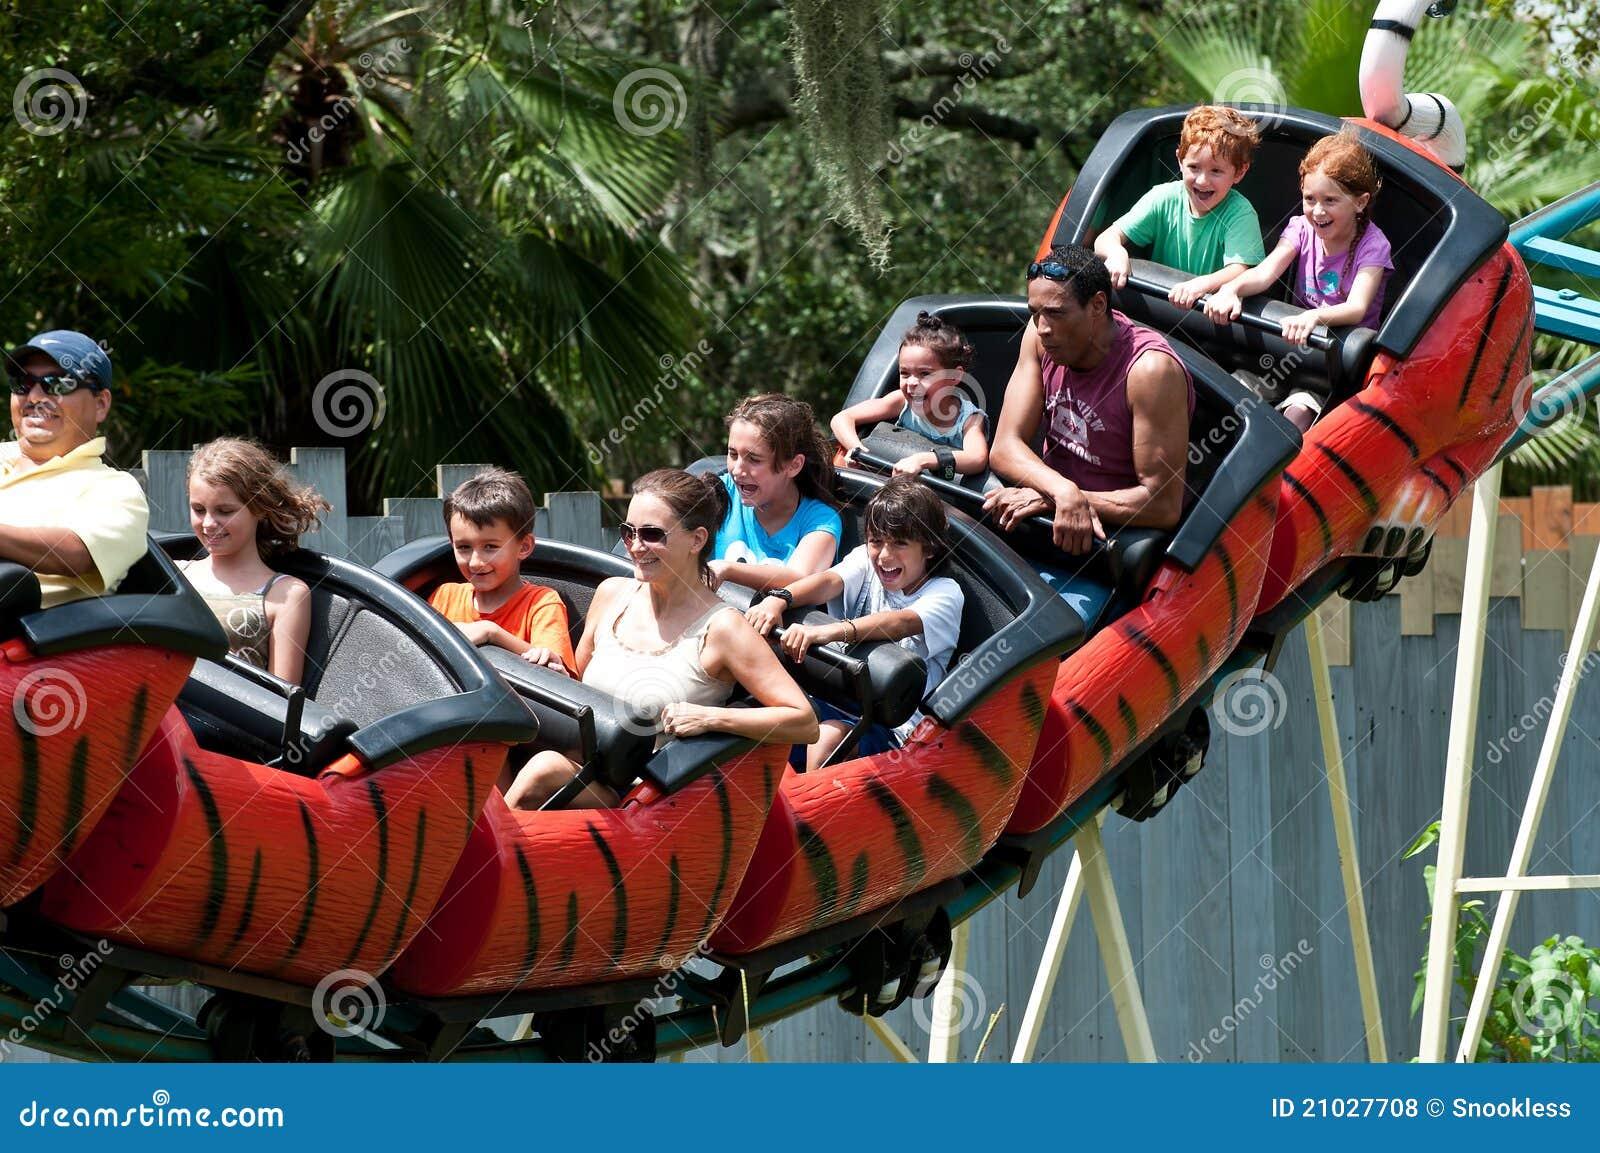 Families Enjoying Roller Coaster